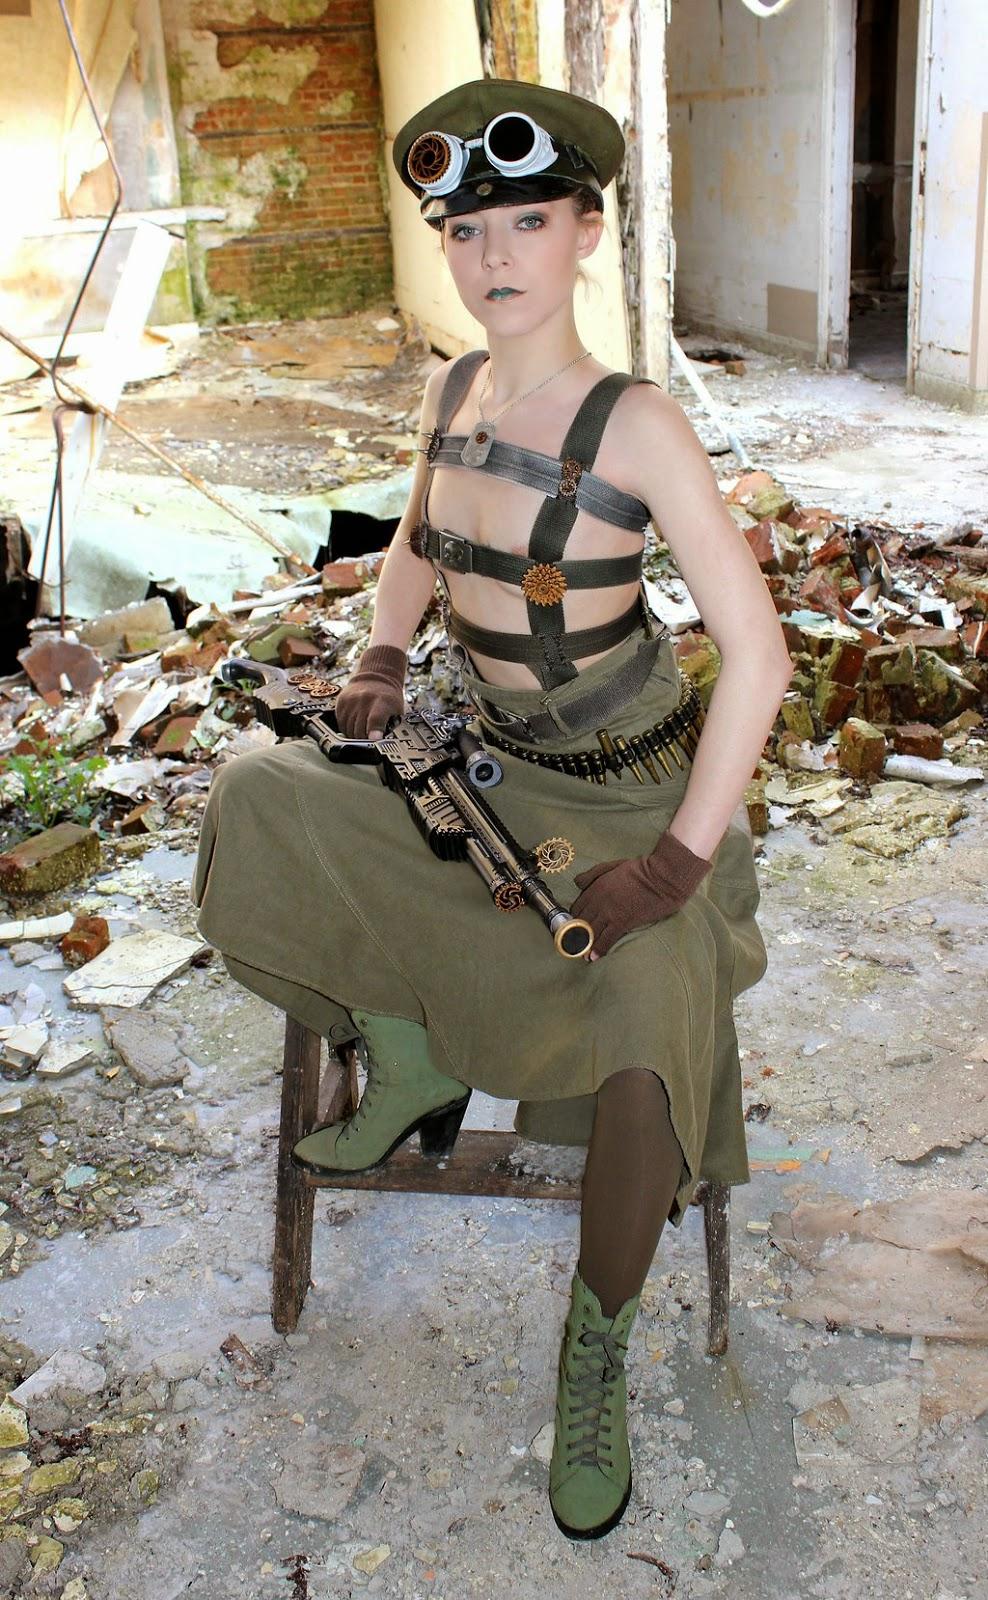 femme en tenue steampunk très sexy